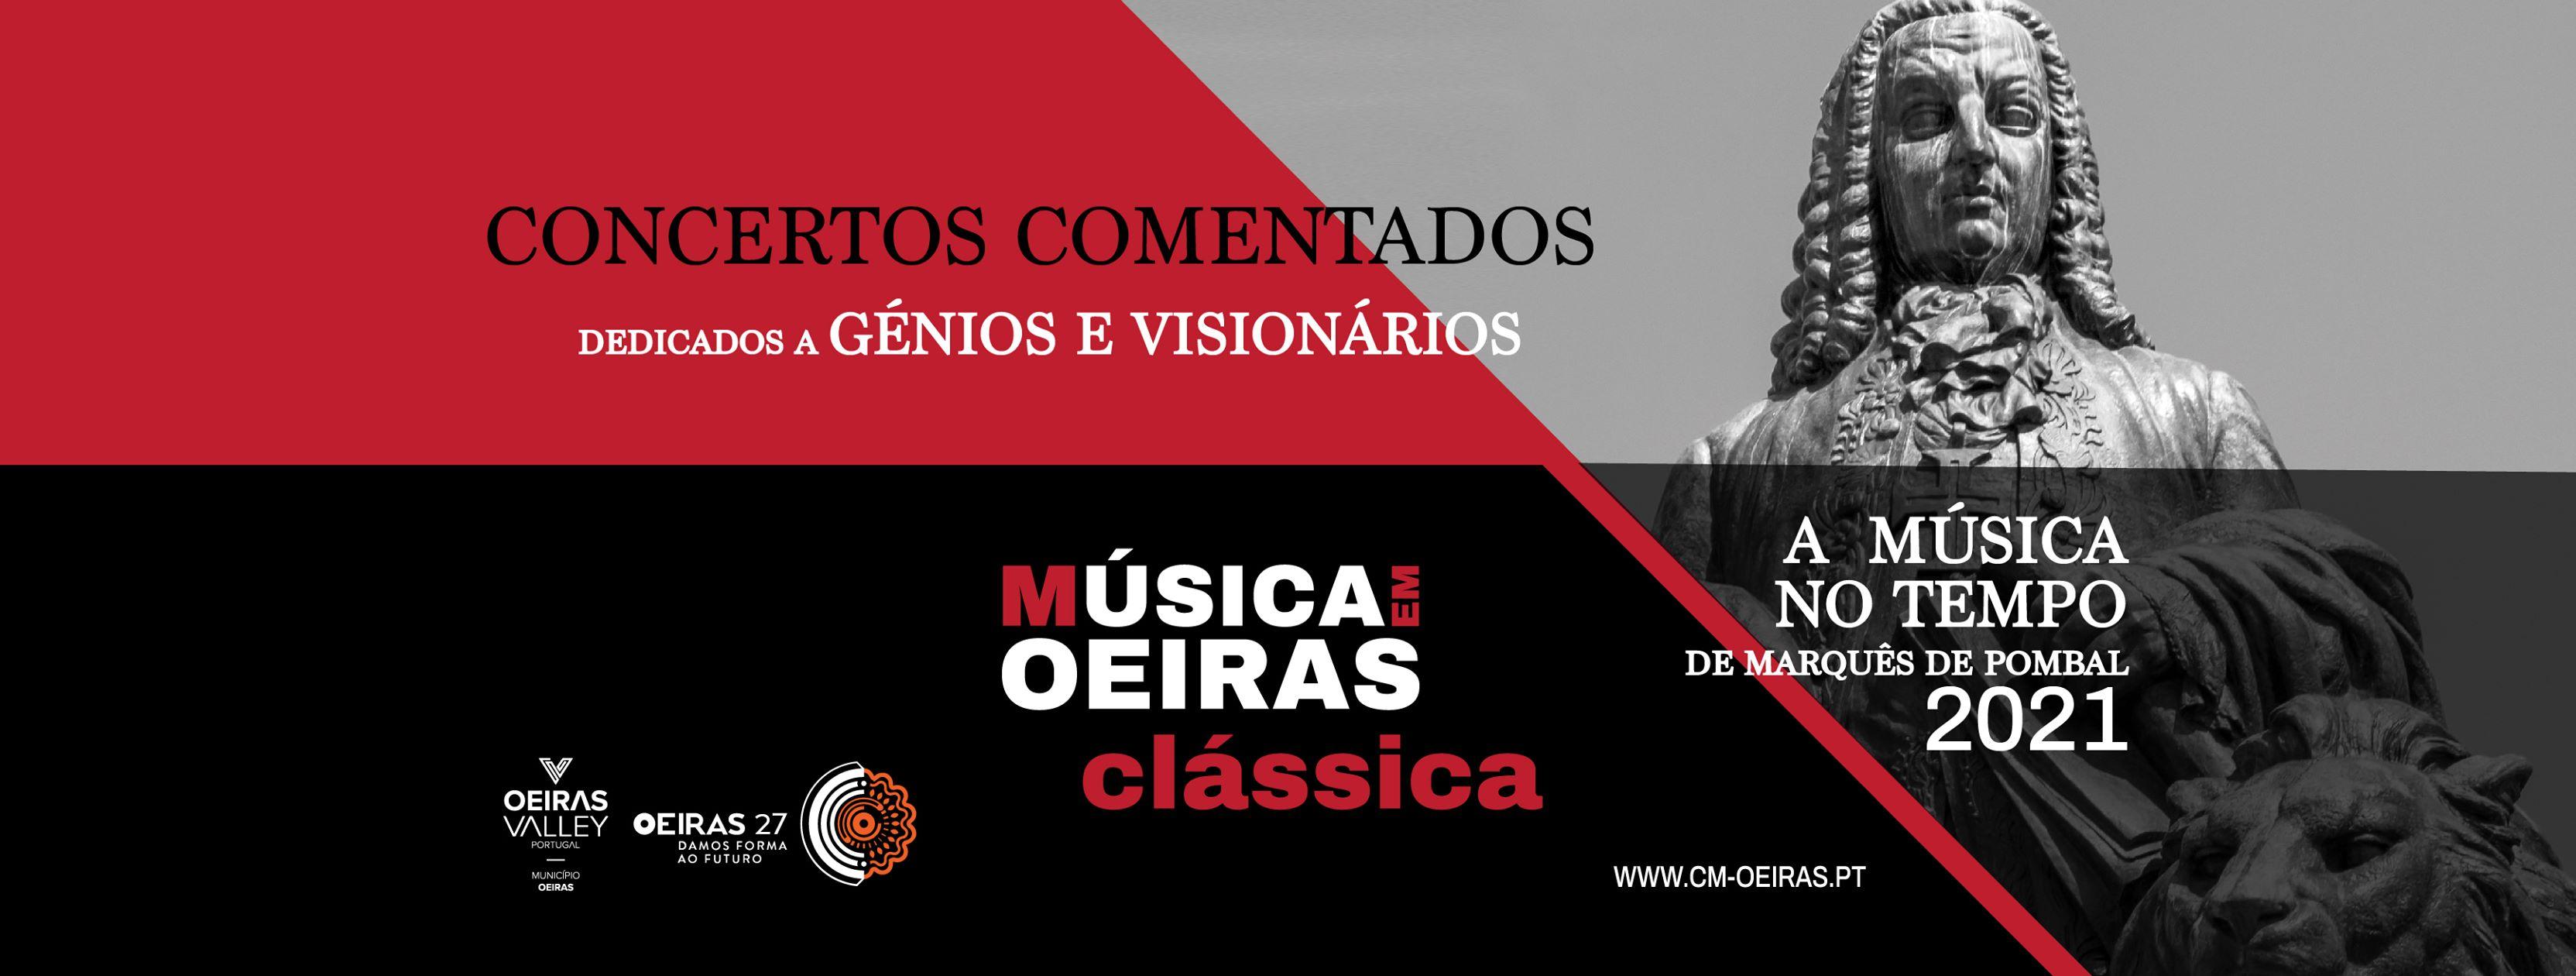 Concertos Comentados - Música no tempo de Marquês de Pombal   A Génios e Visionários